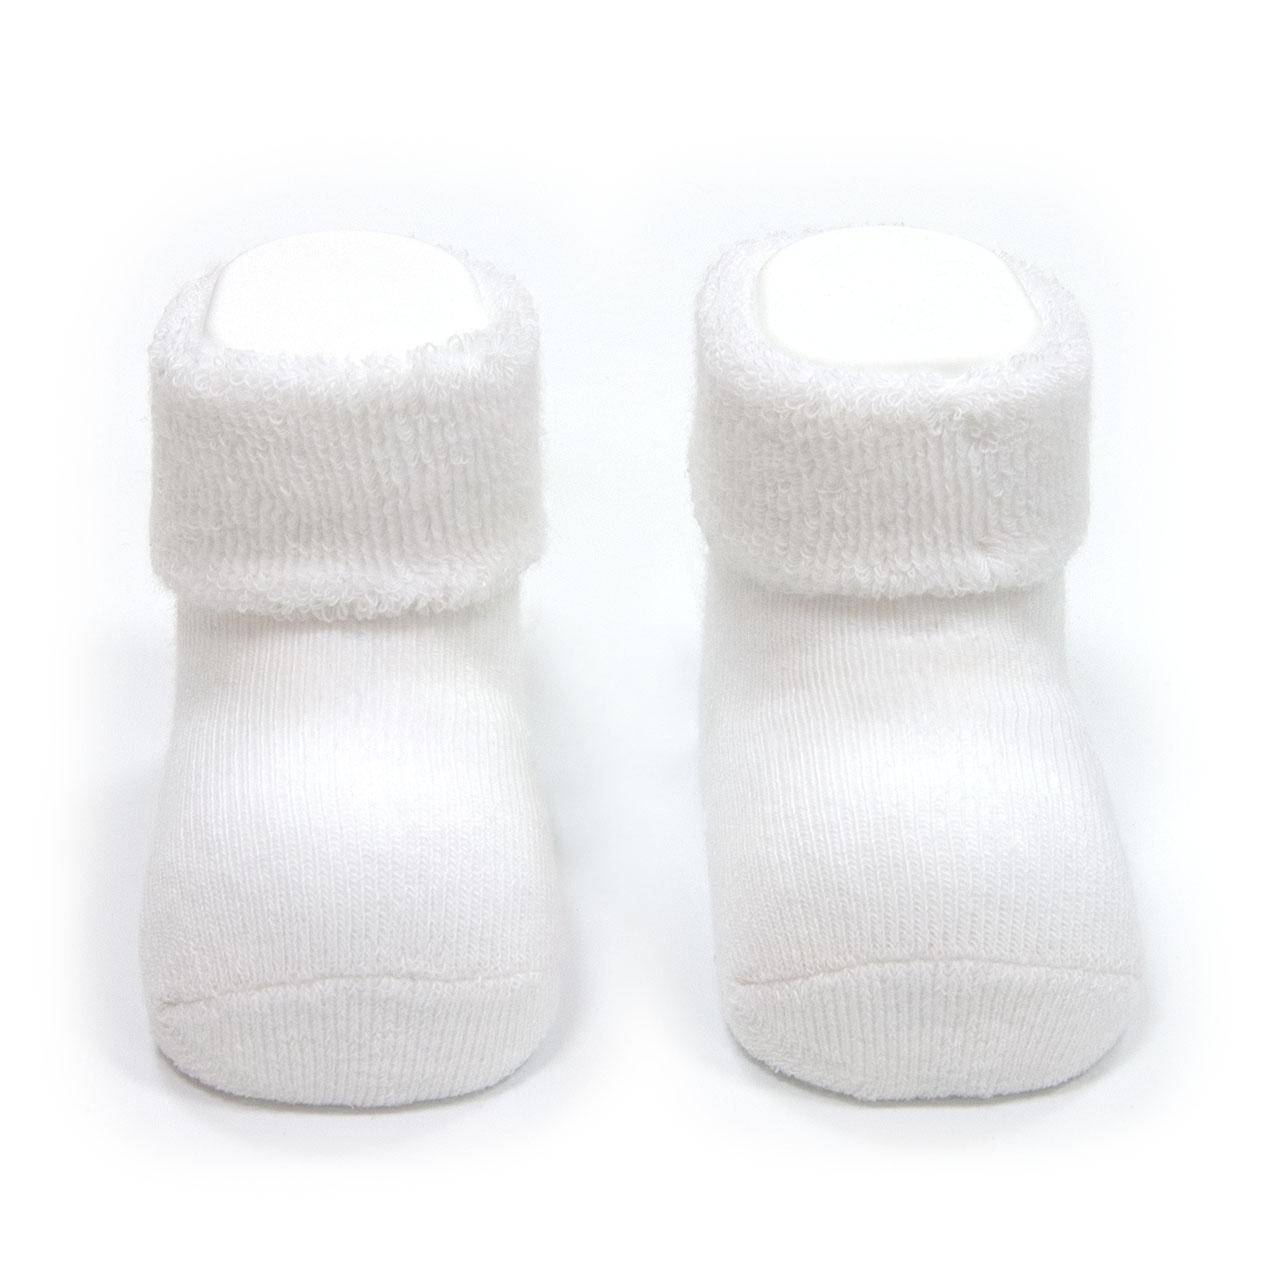 CAMBRASS Medias para bebe liso blanco T.0000 ( 15 - 16)